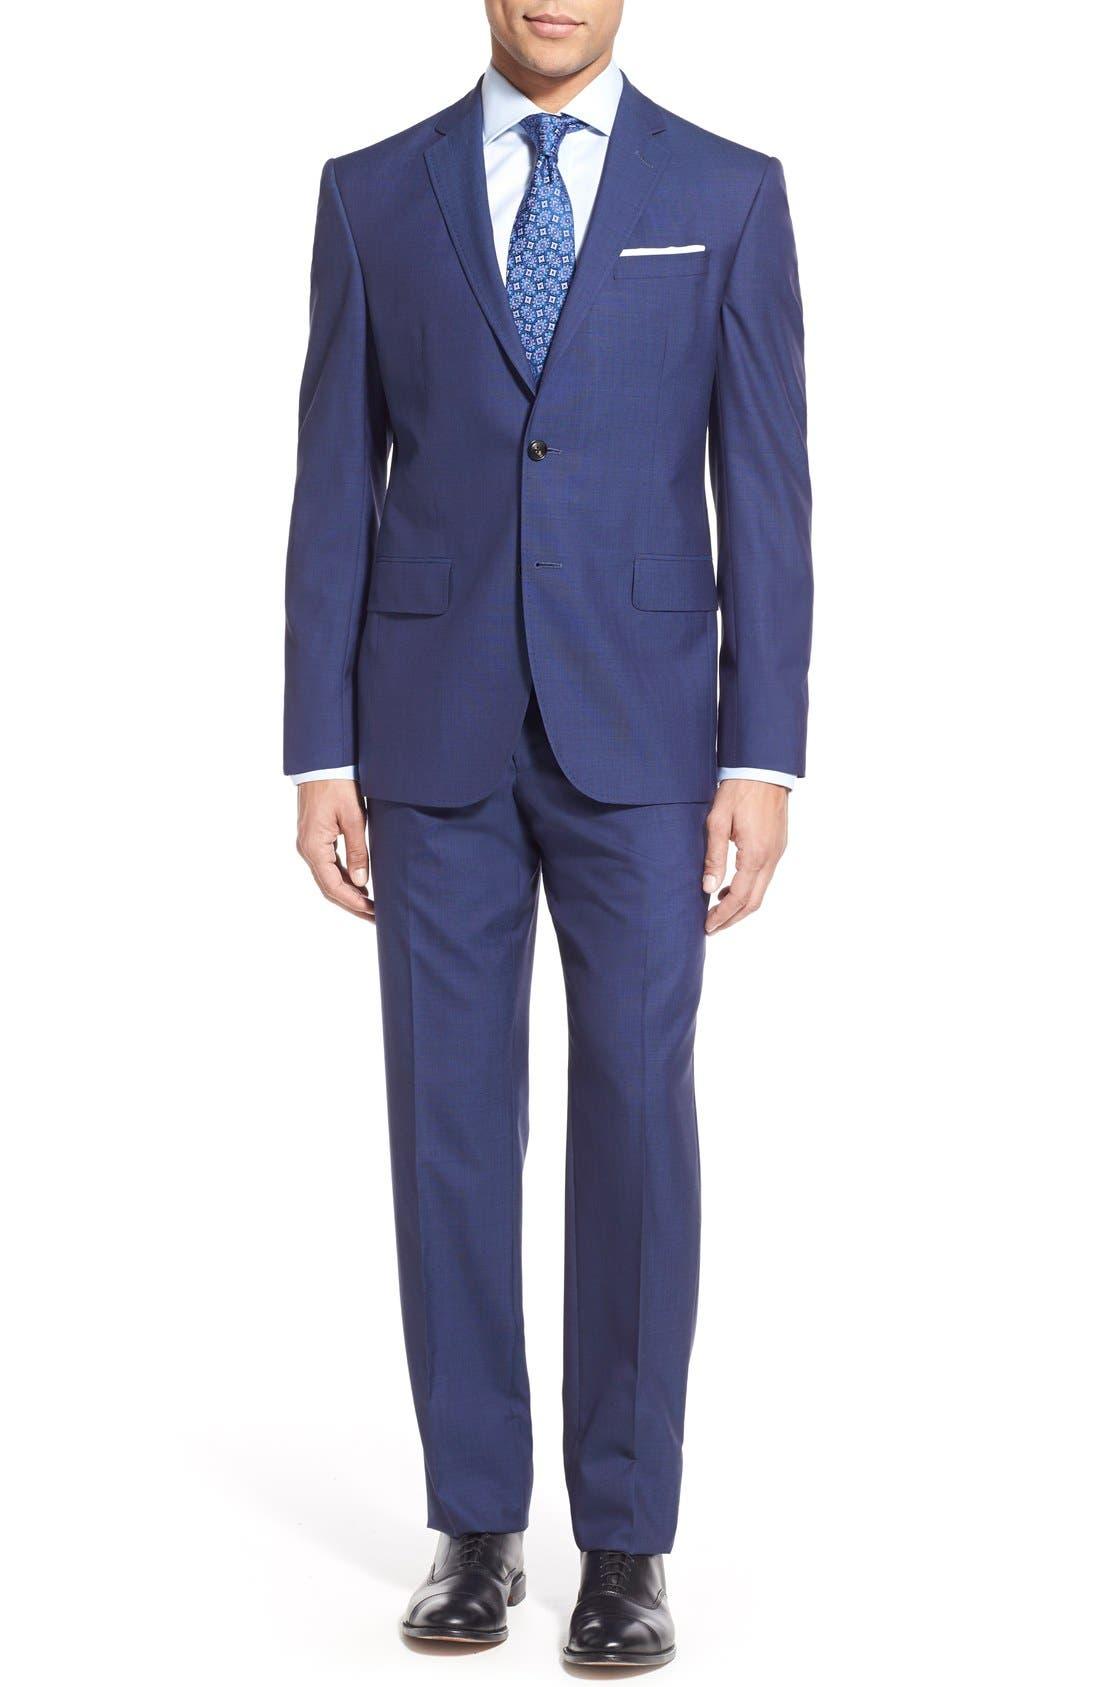 Ted Baker London Jay Trim Fit Suit